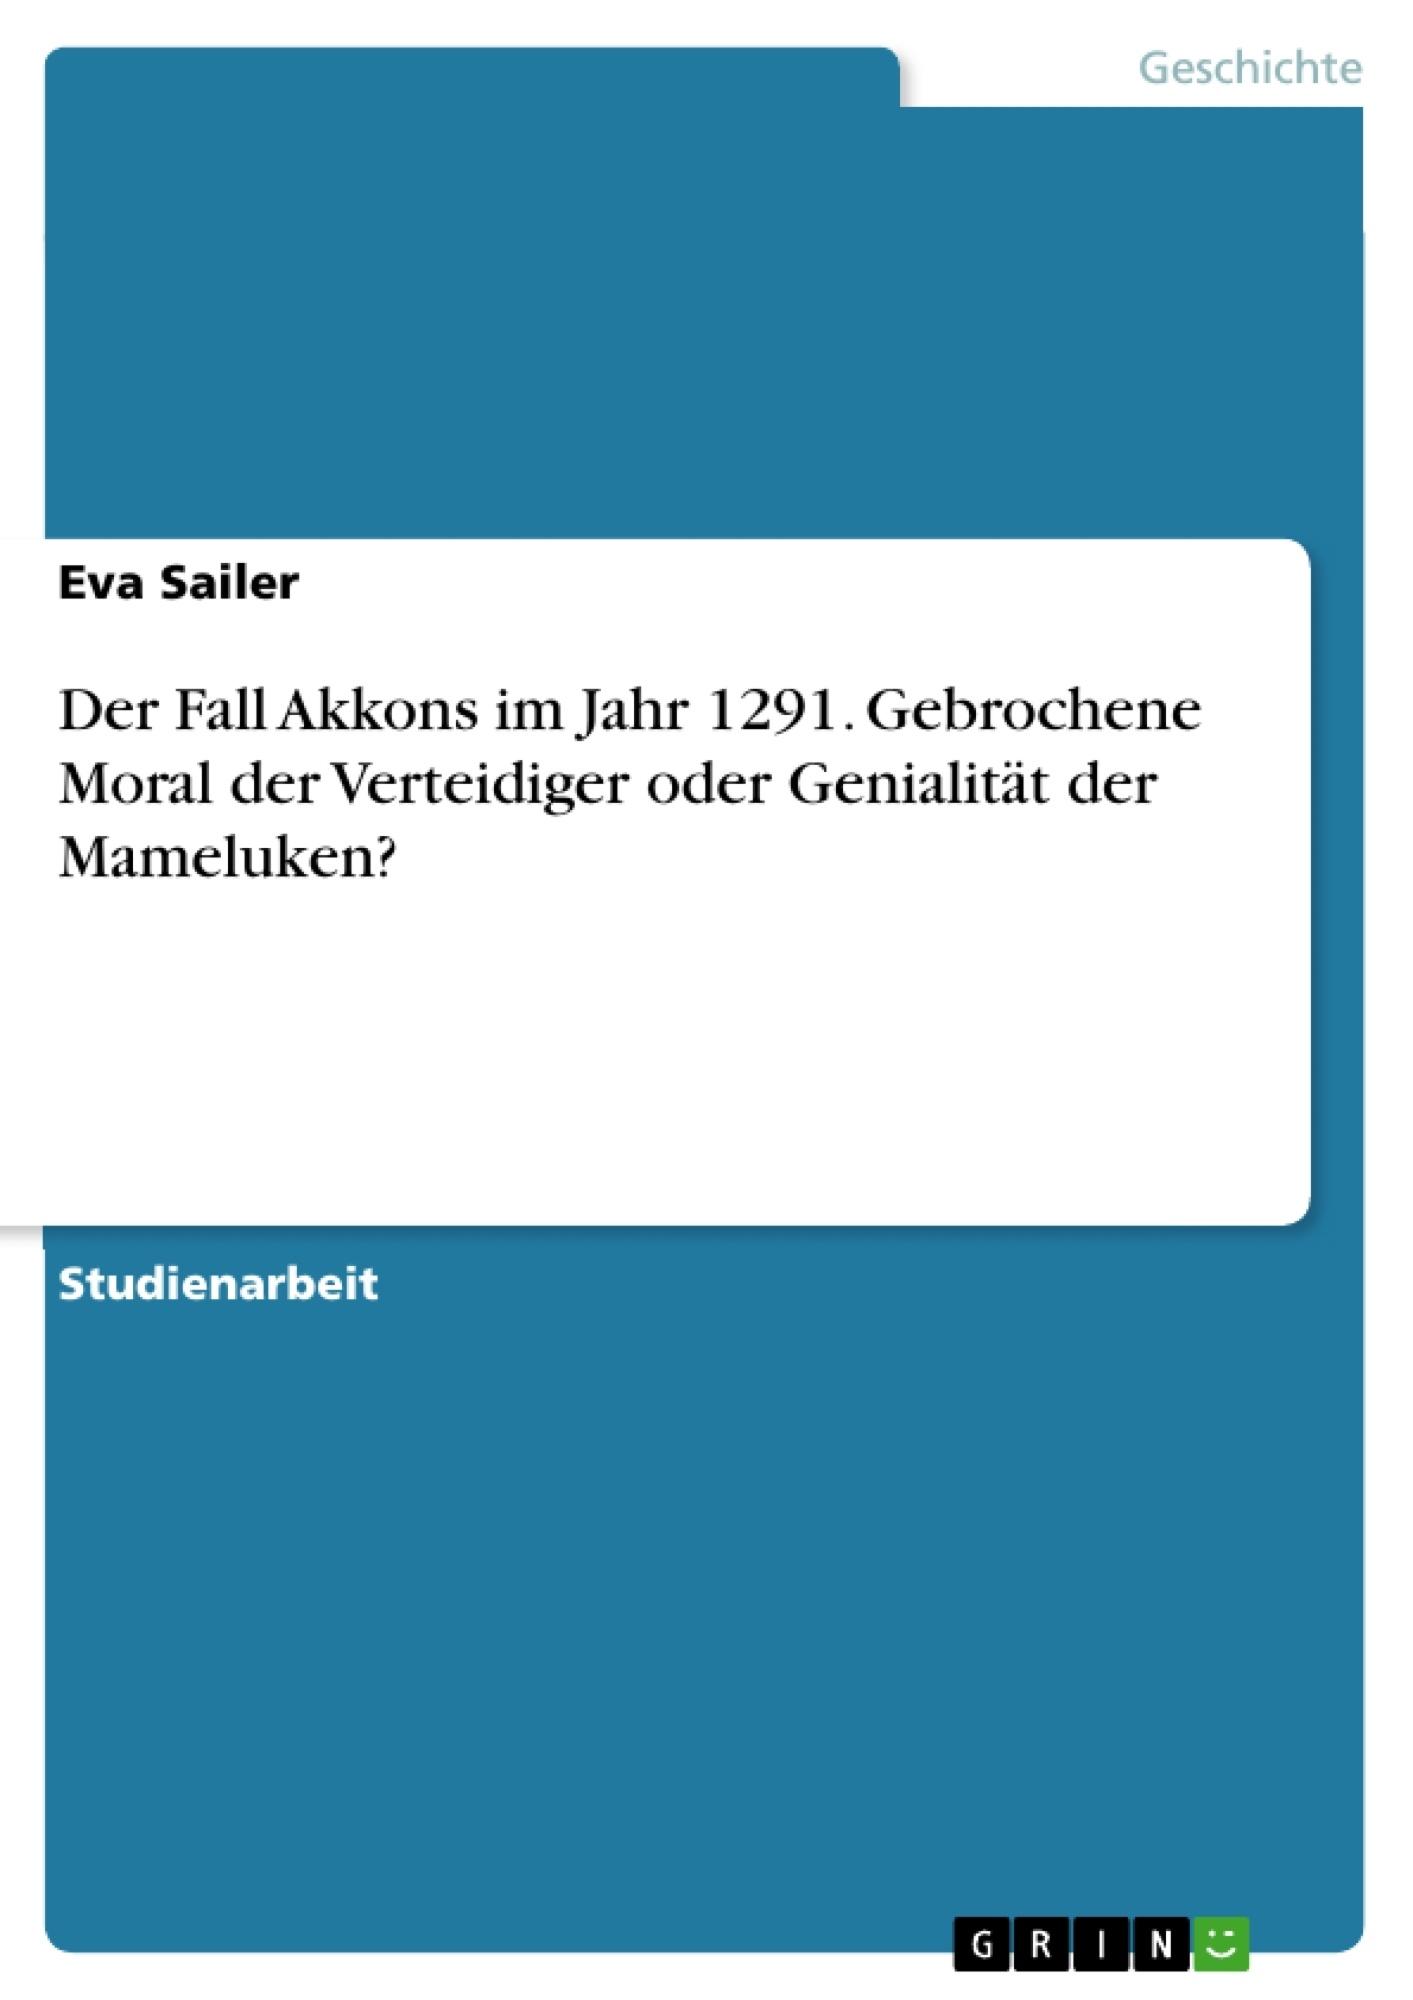 Titel: Der Fall Akkons im Jahr 1291. Gebrochene Moral der Verteidiger oder Genialität der Mameluken?